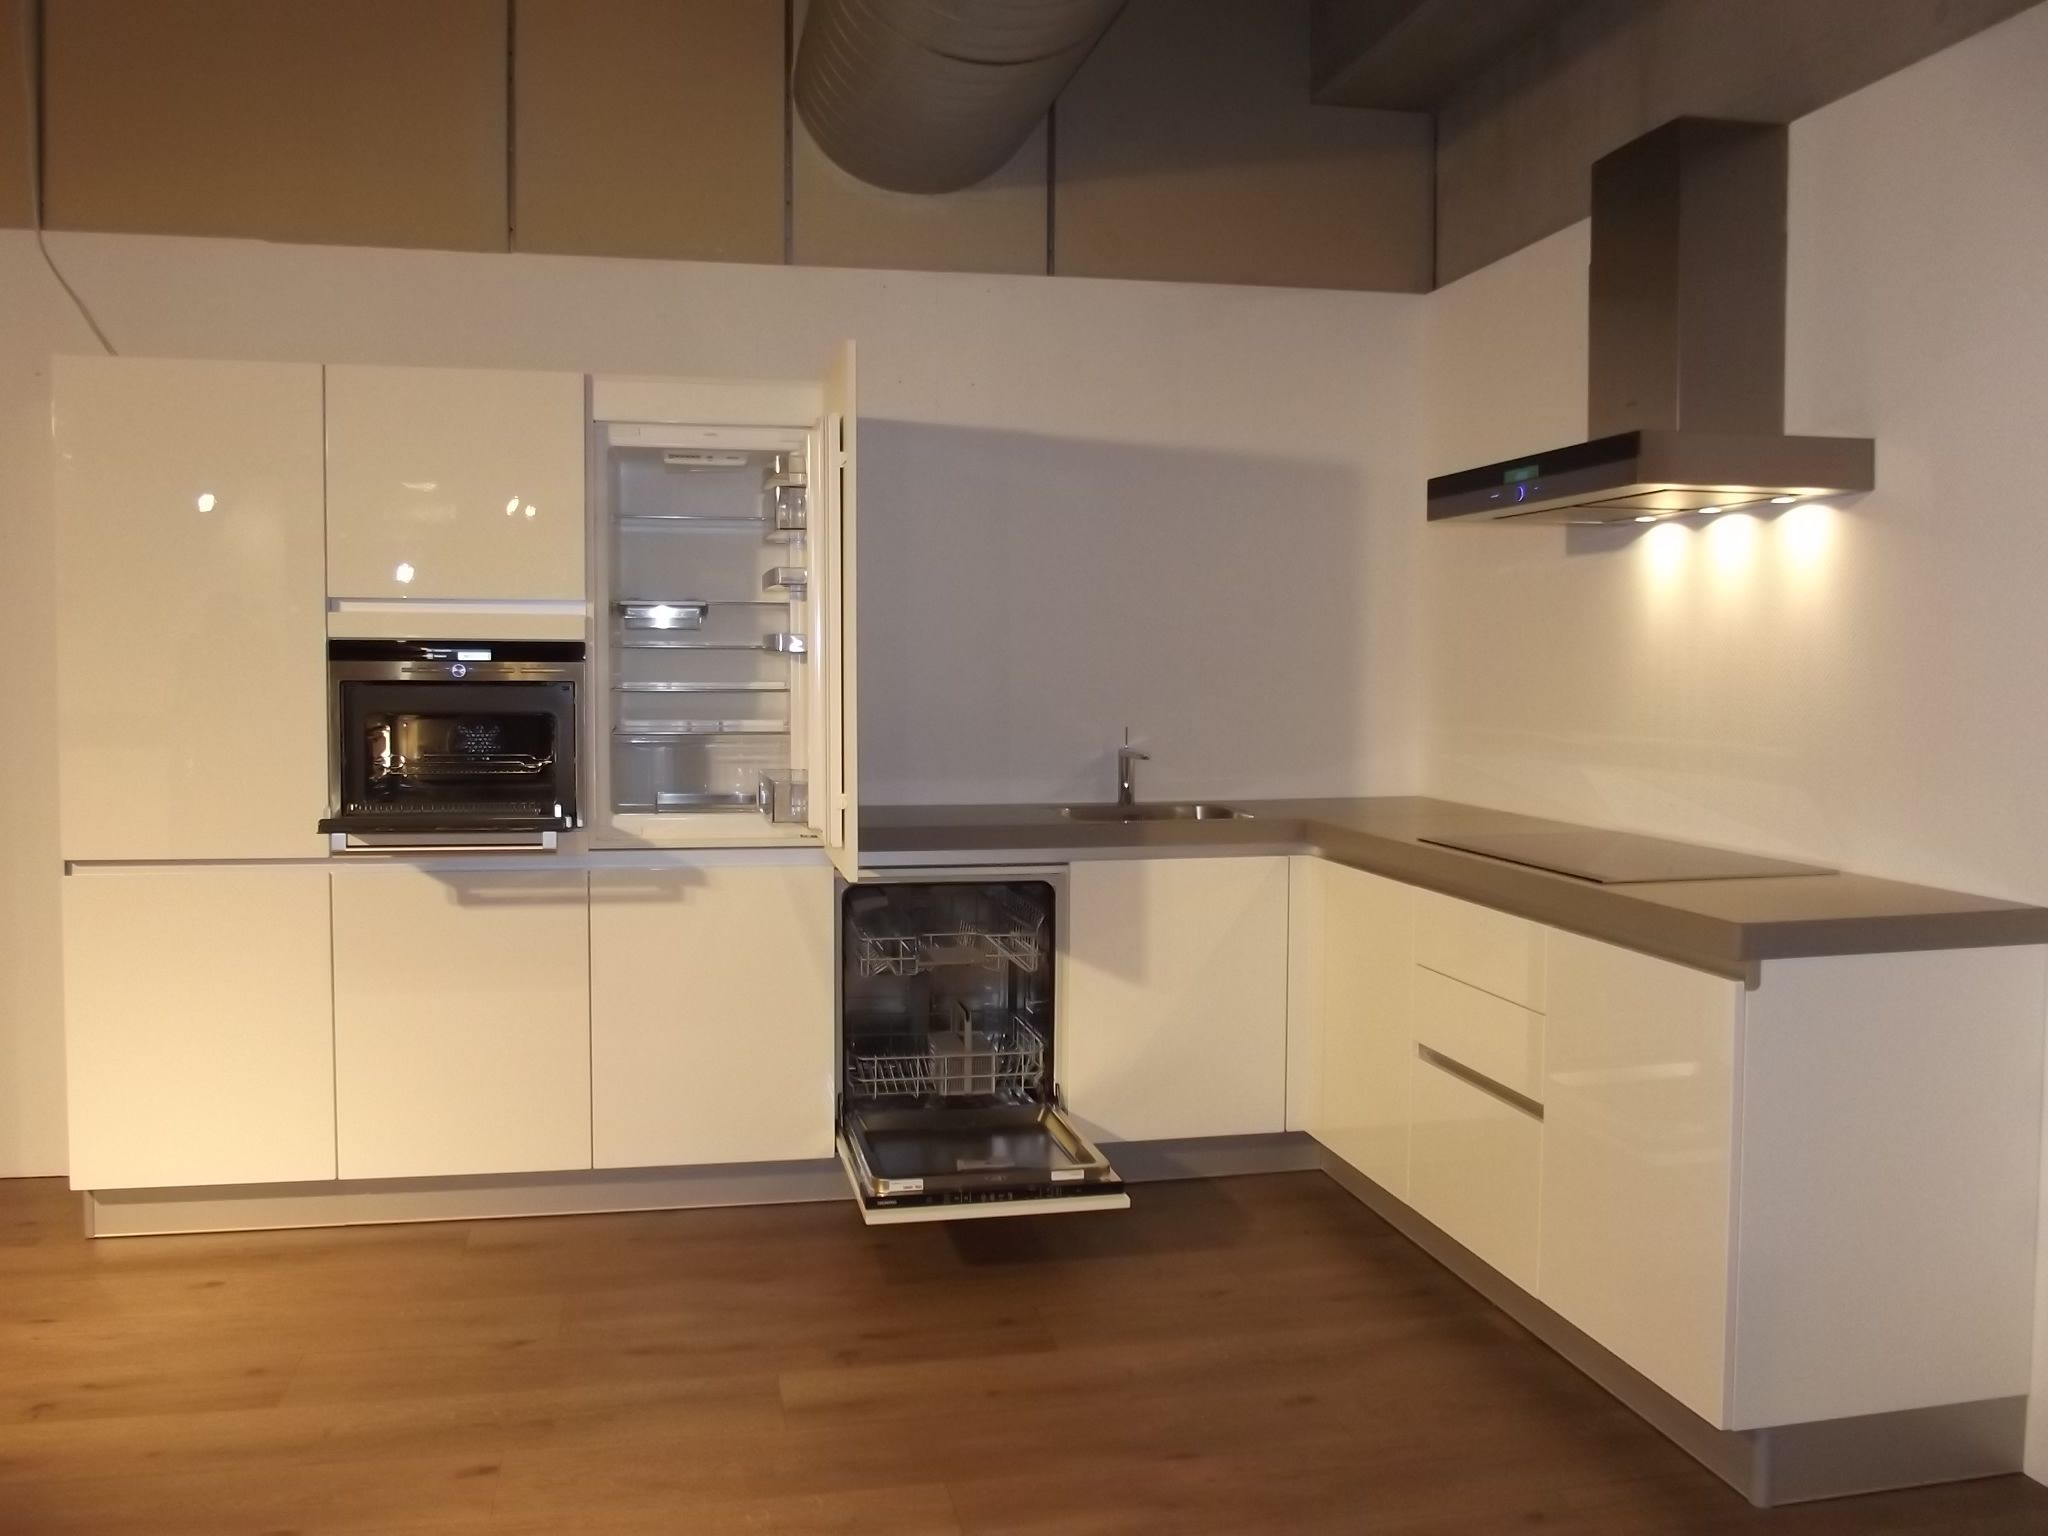 Keuken Plint Hoek : voordeligste woonwinkel van Nederland! Siemens Hoek Keuken 3 [44581